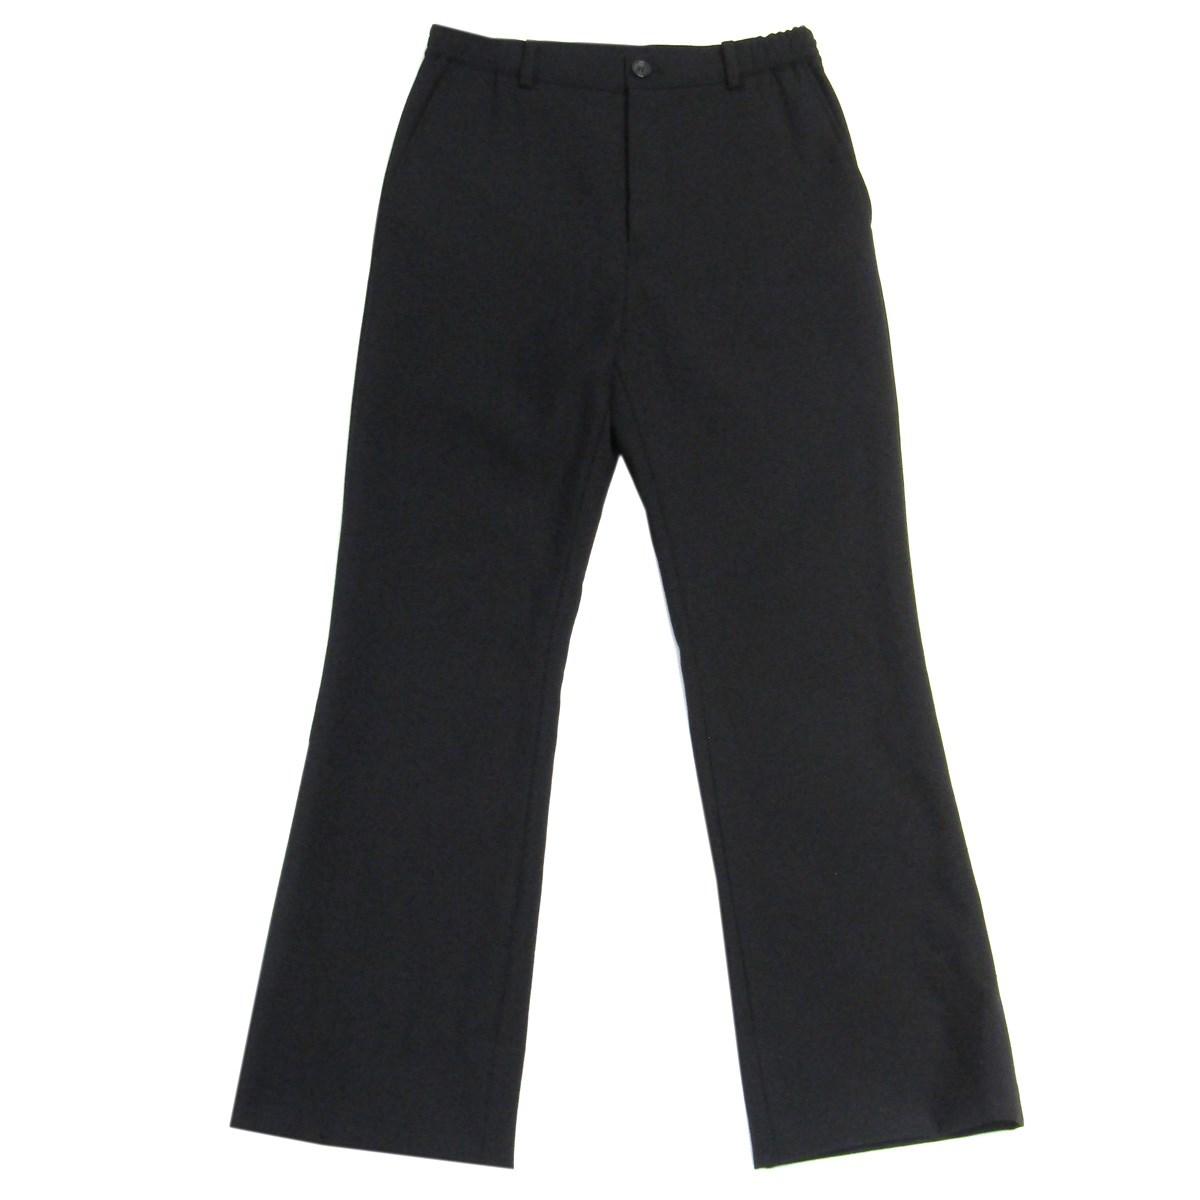 【中古】CHRISTIAN DADA 2019AW Bootcut Wool Trouseres ブーツカットフレアスラックスパンツ ブラック サイズ:44 【200720】(クリスチャンダダ)